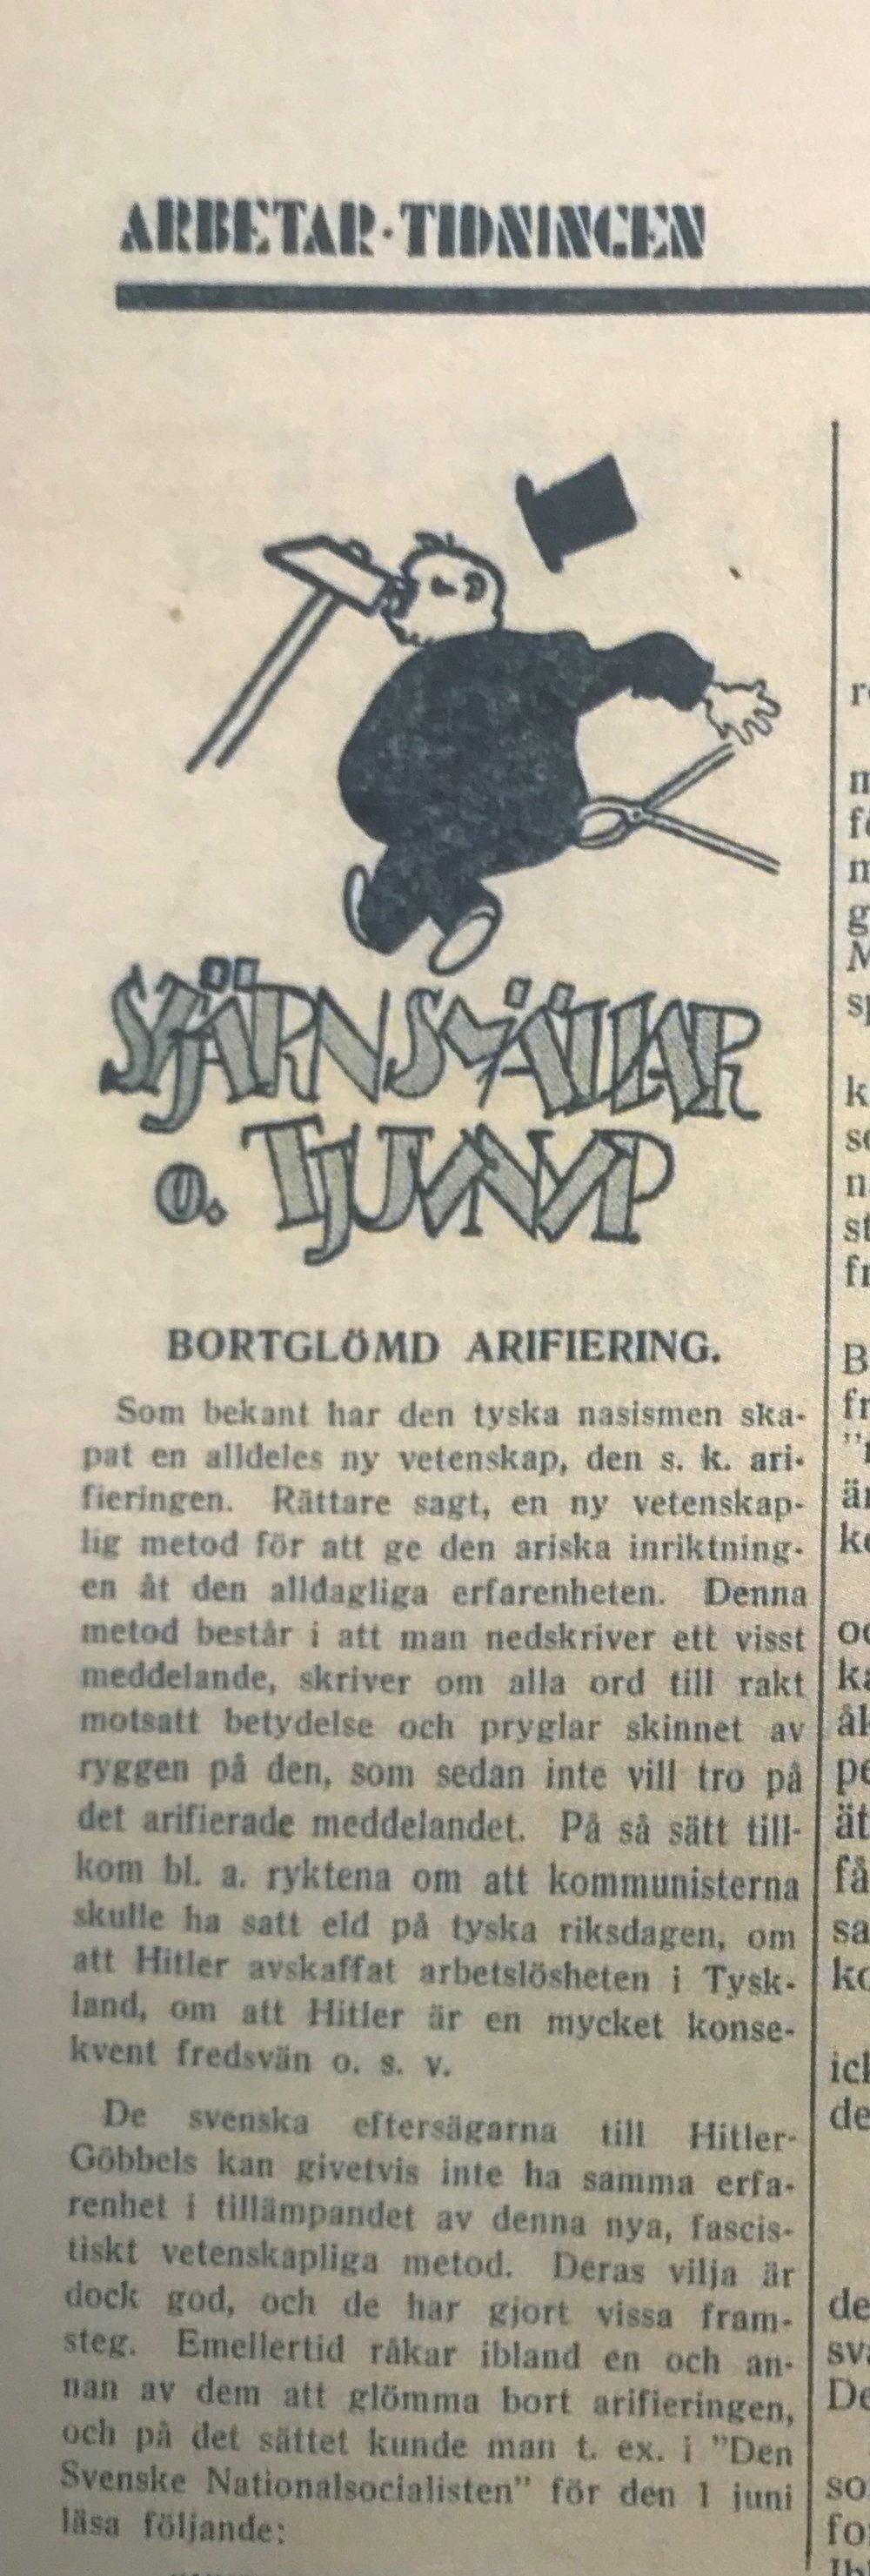 """""""Bortglömd arifiering"""" i Arbetar-tidningen"""